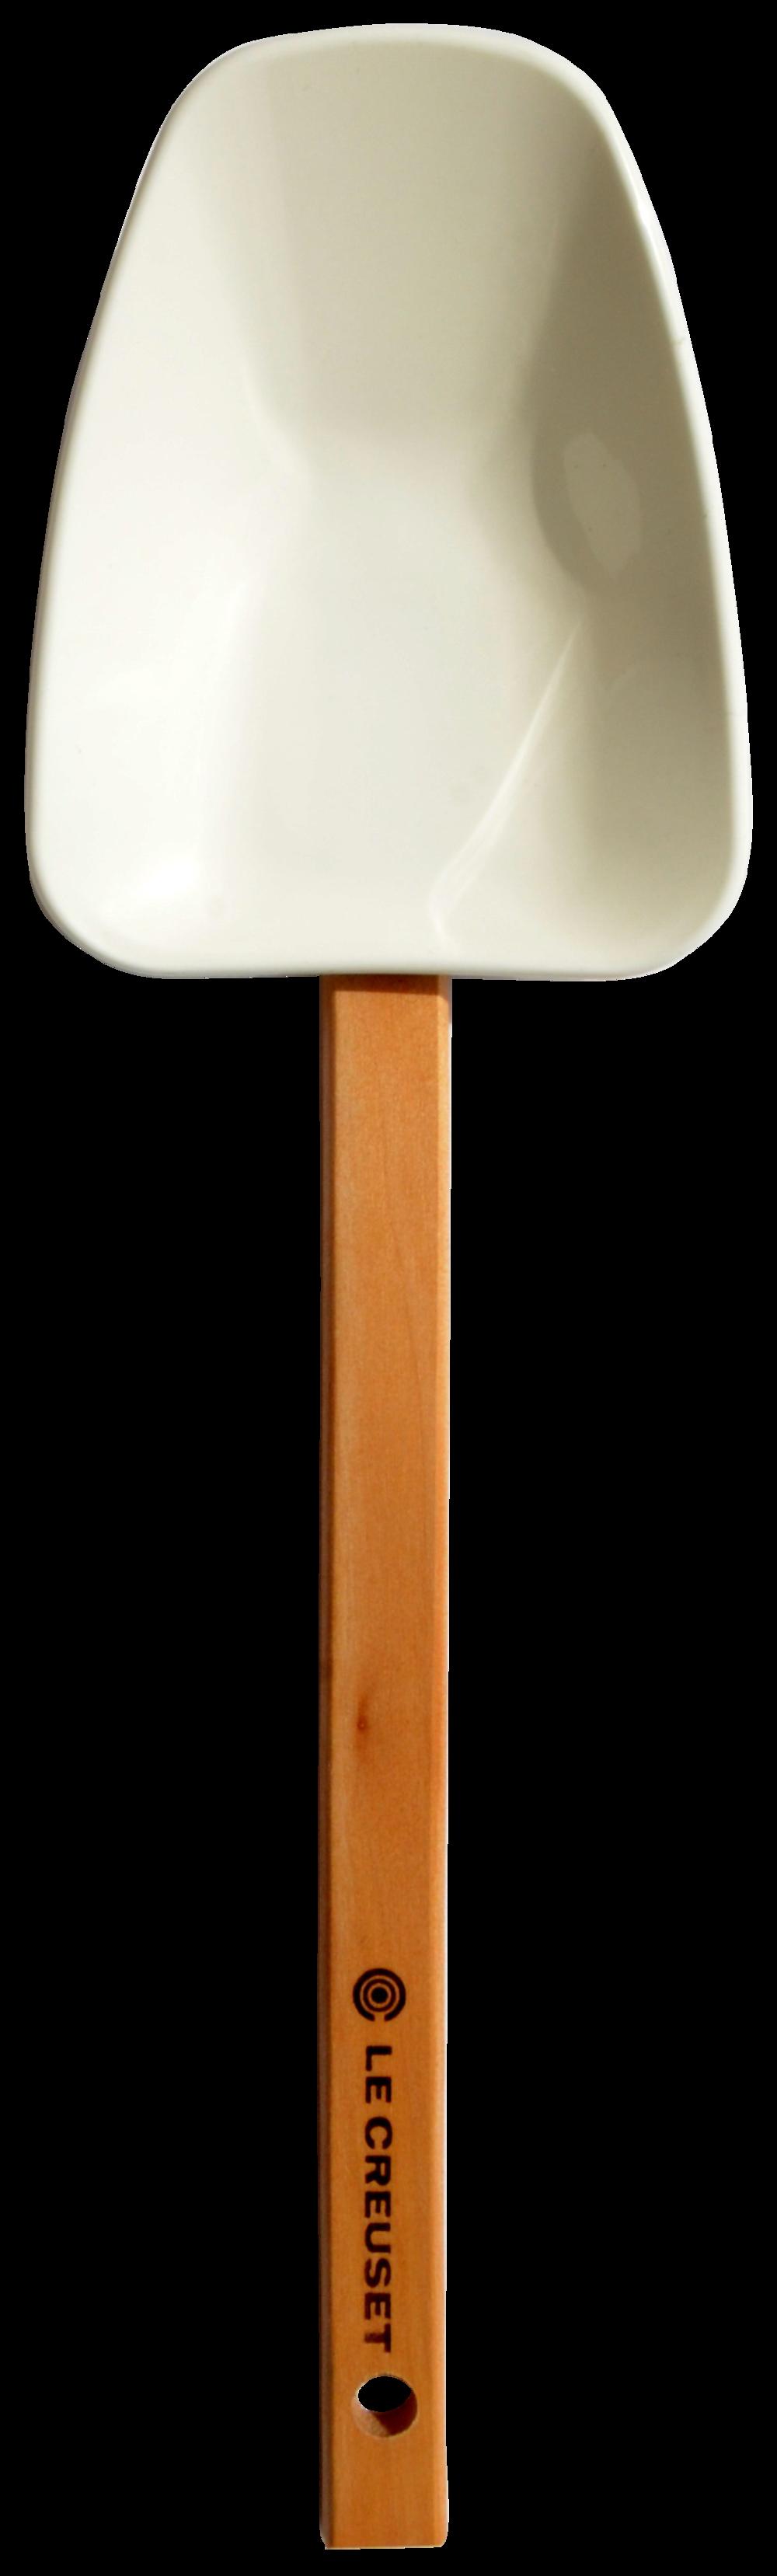 Le Creuset Jumbo Spoon